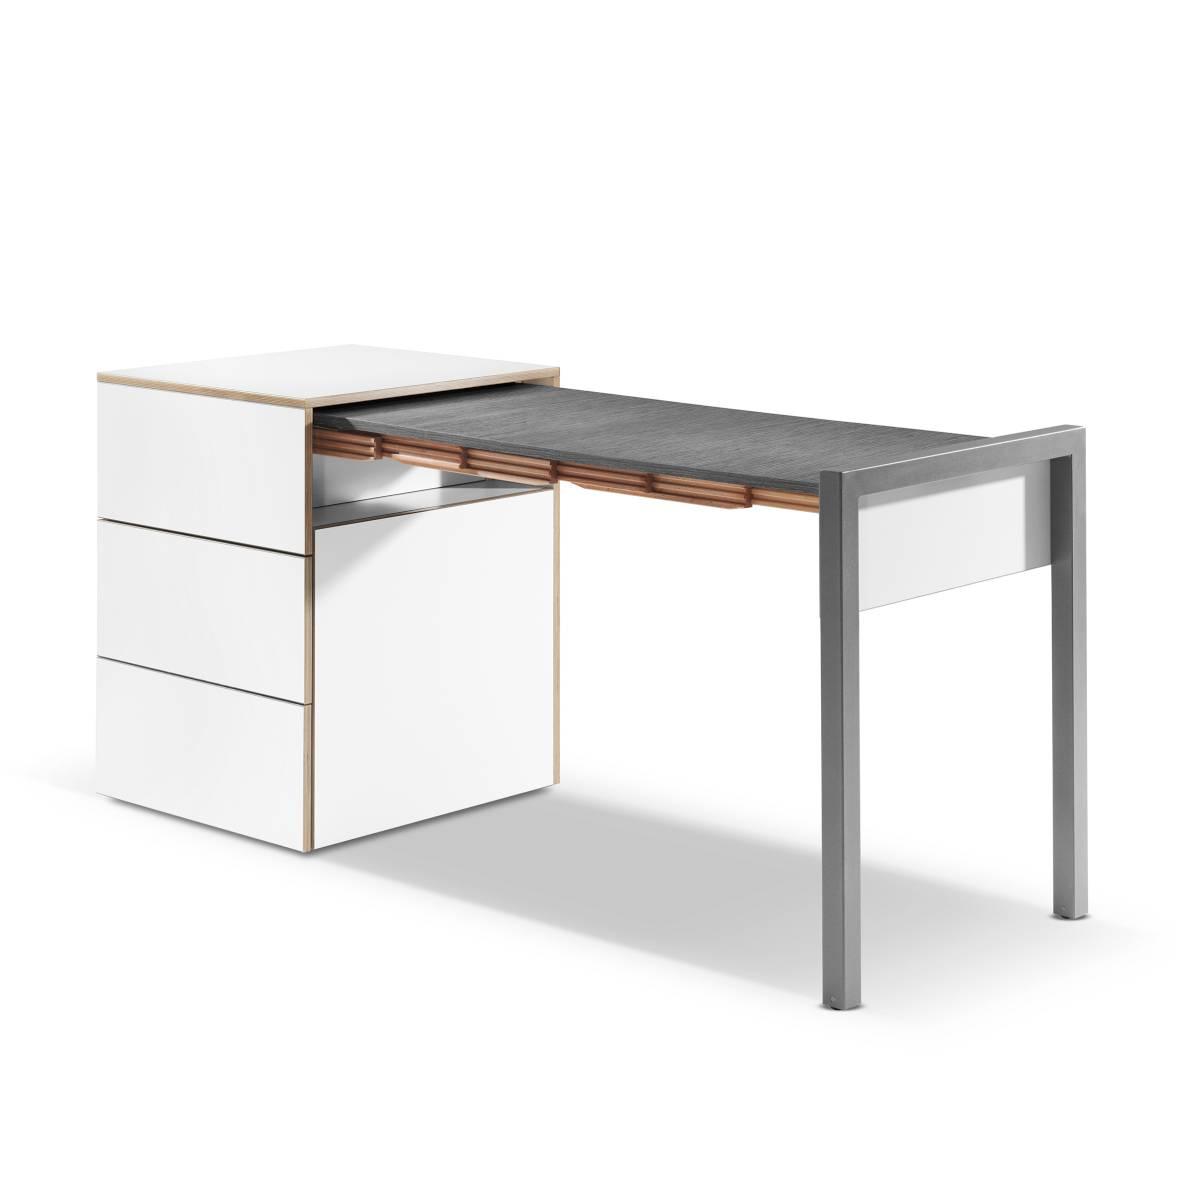 ALWIN Space Box ausziehbarer Tisch, Säule weiß, Tischplatte Orfeo dunkel, nach rechts